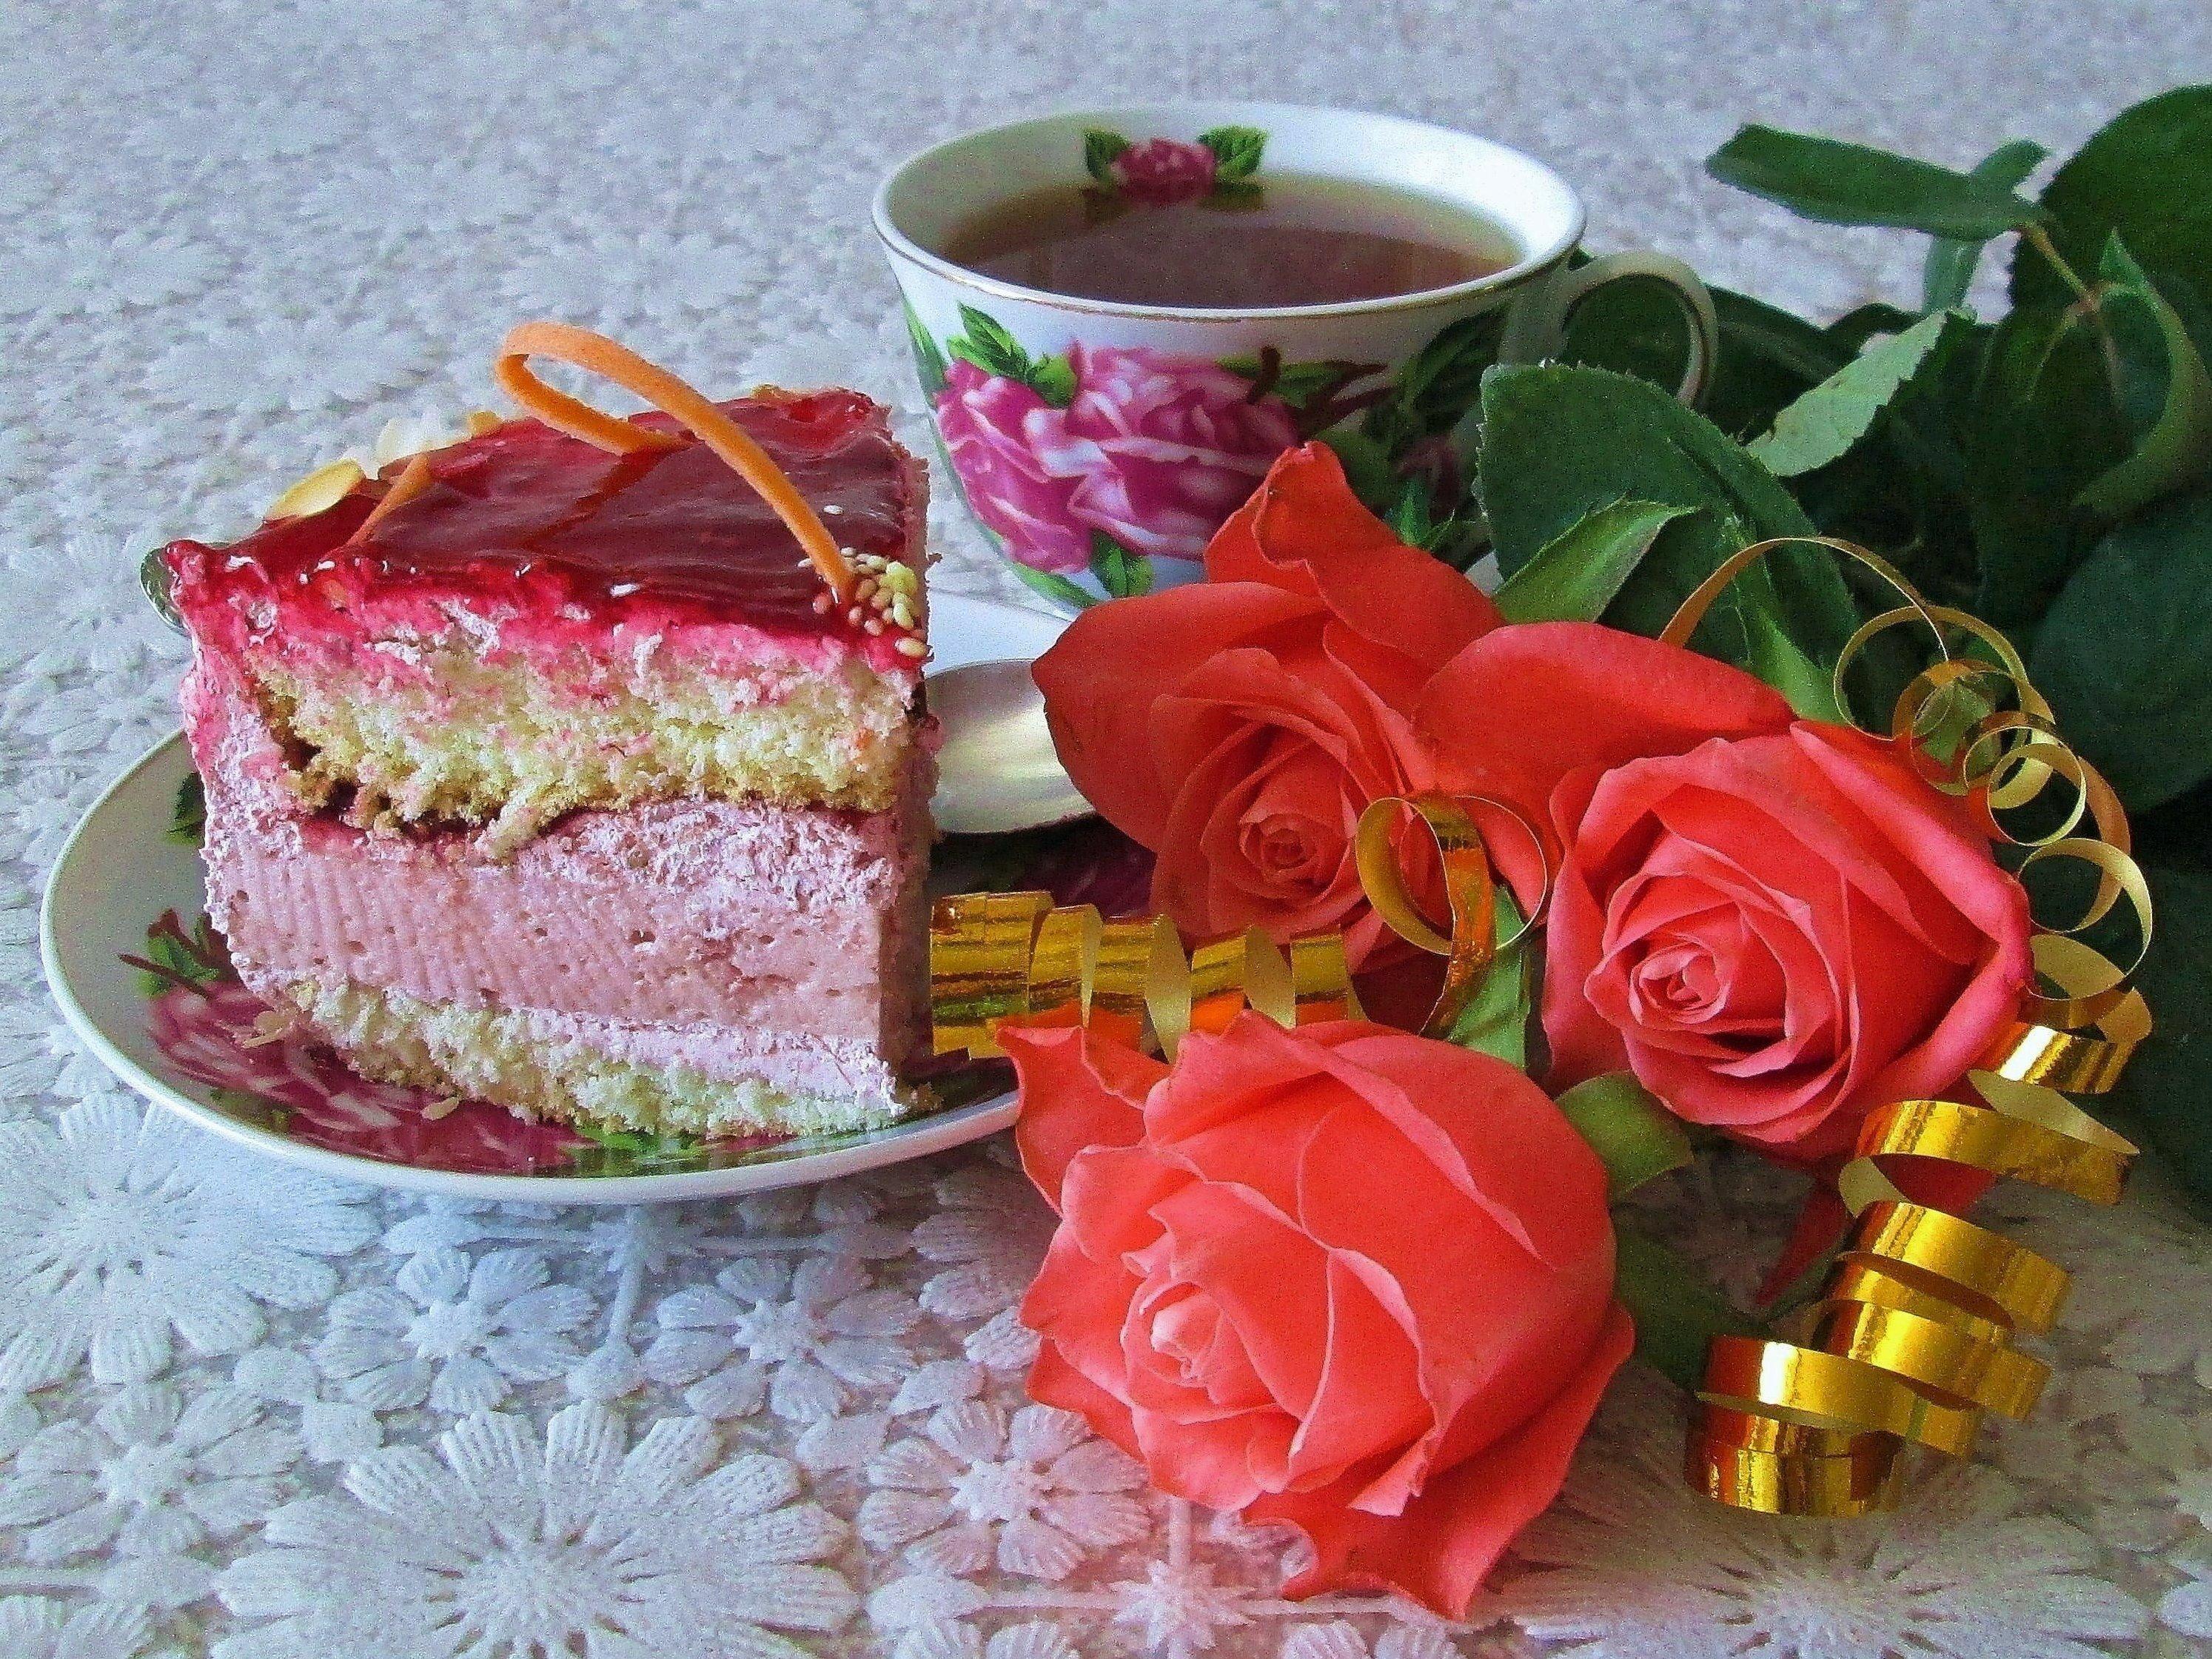 Чай с тортом картинки гифки